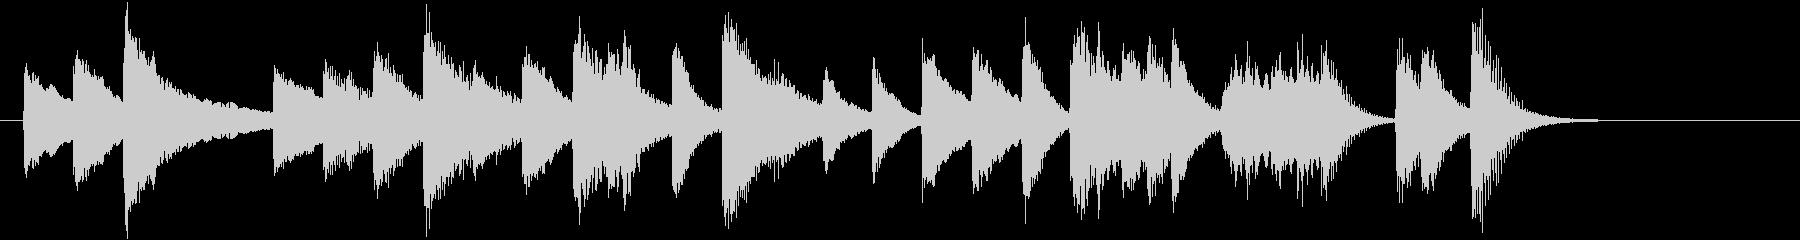 「乾杯の歌」モチーフのピアノジングルBの未再生の波形